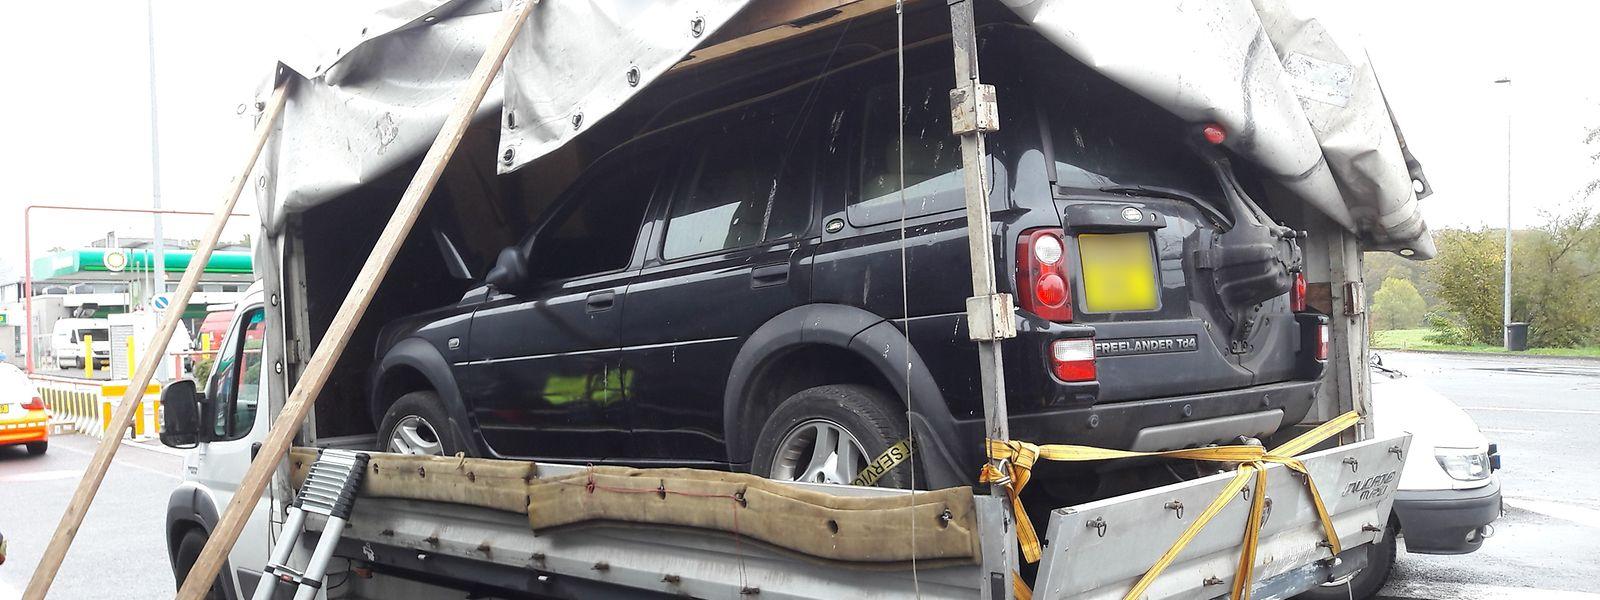 Ist die Ladung nicht richtig gesichert, fährt der Lastwagen erstmal nicht mehr weiter.